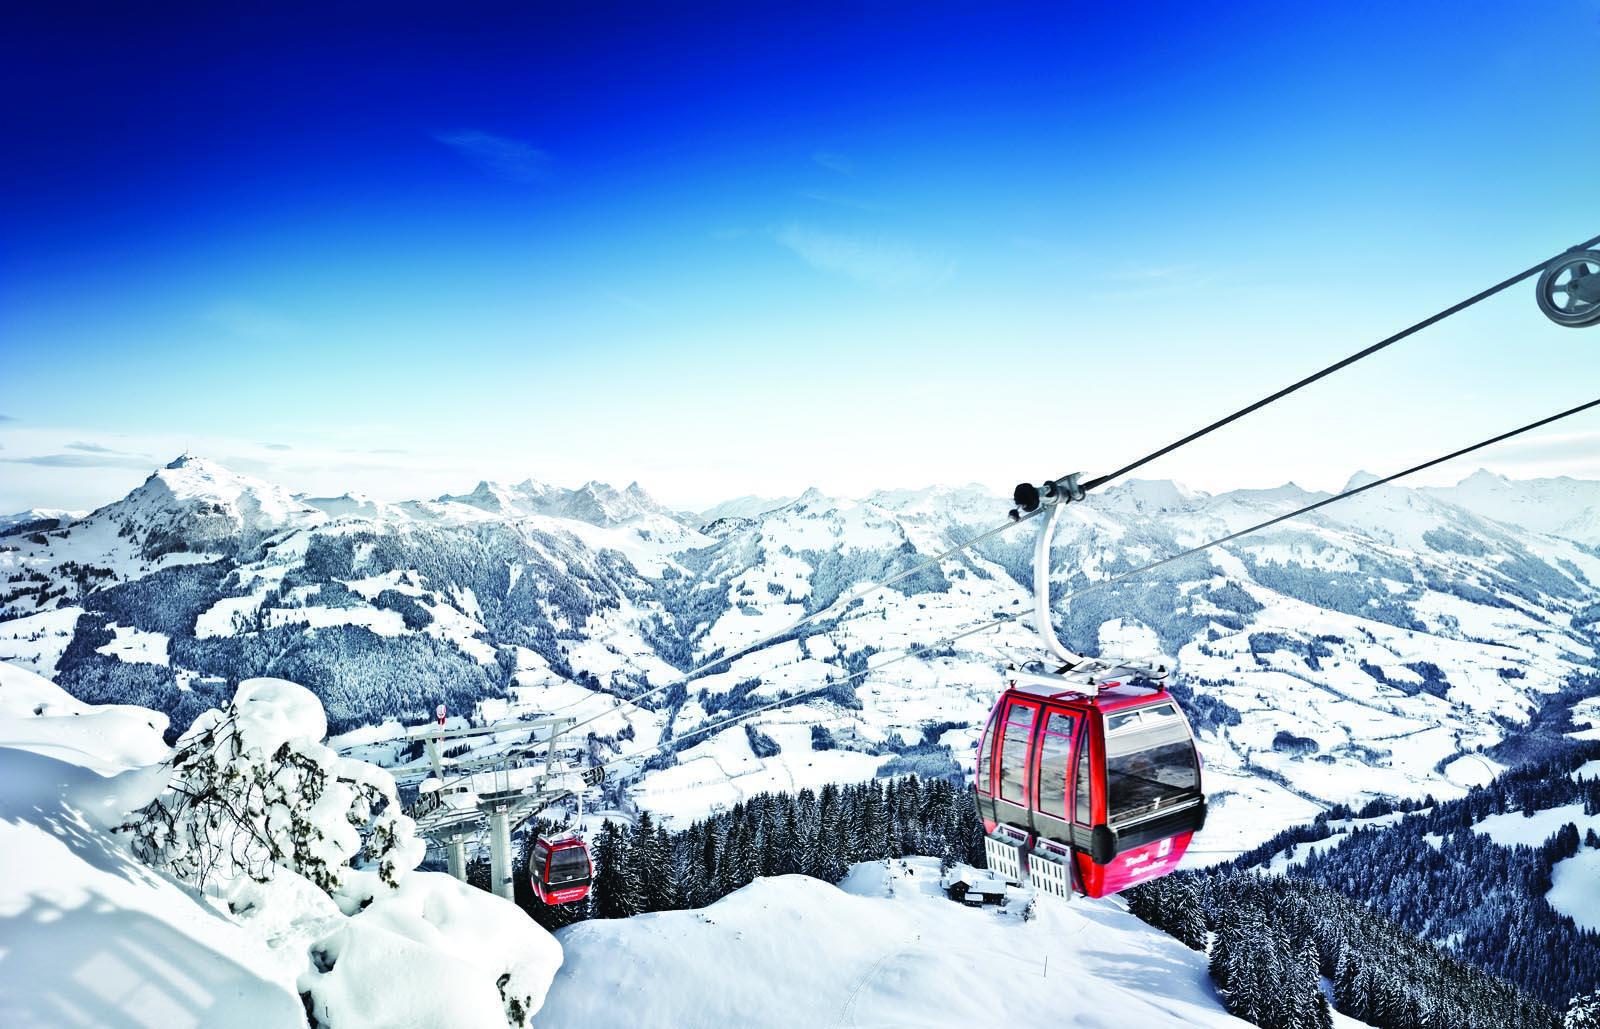 Kitzbuhel Alps